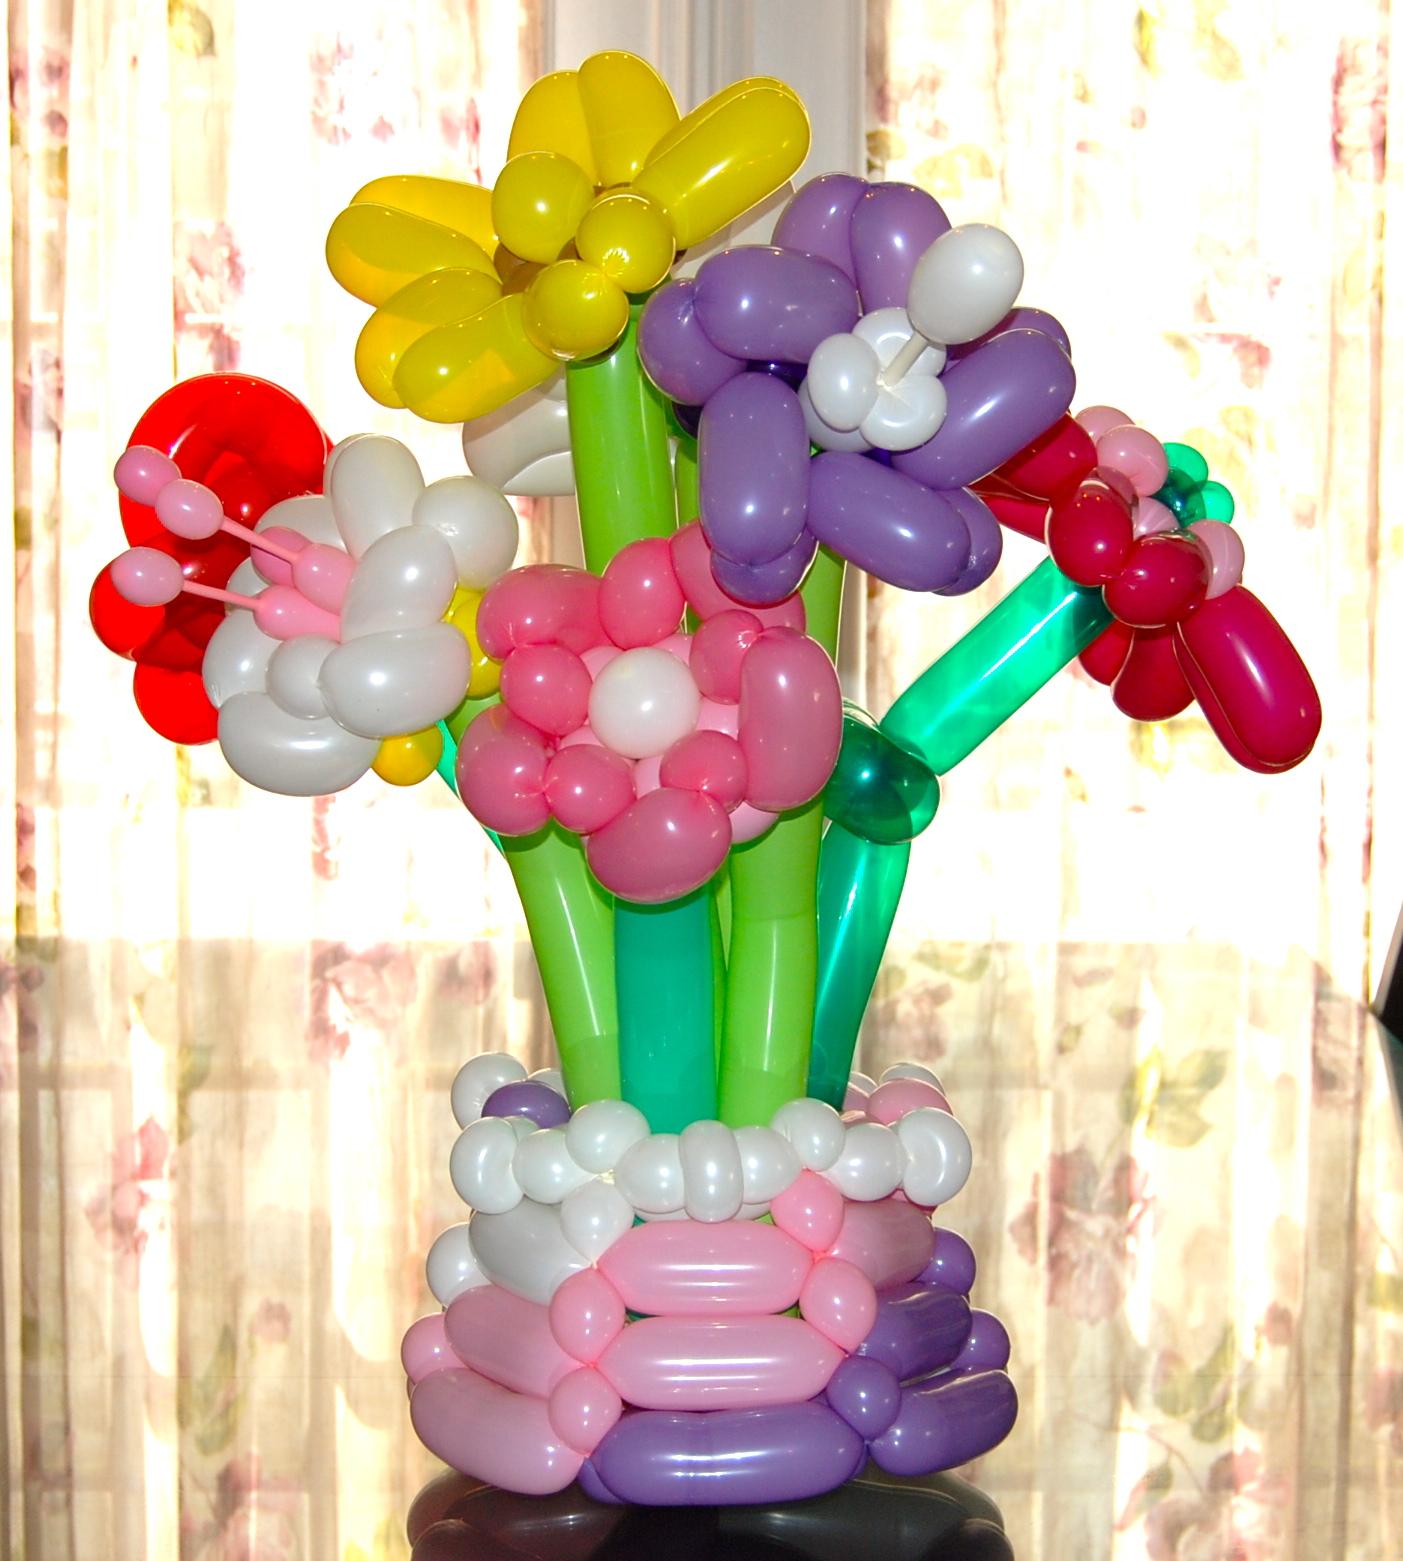 Flowers Balloon Decor Twisting Glitter Tattoos